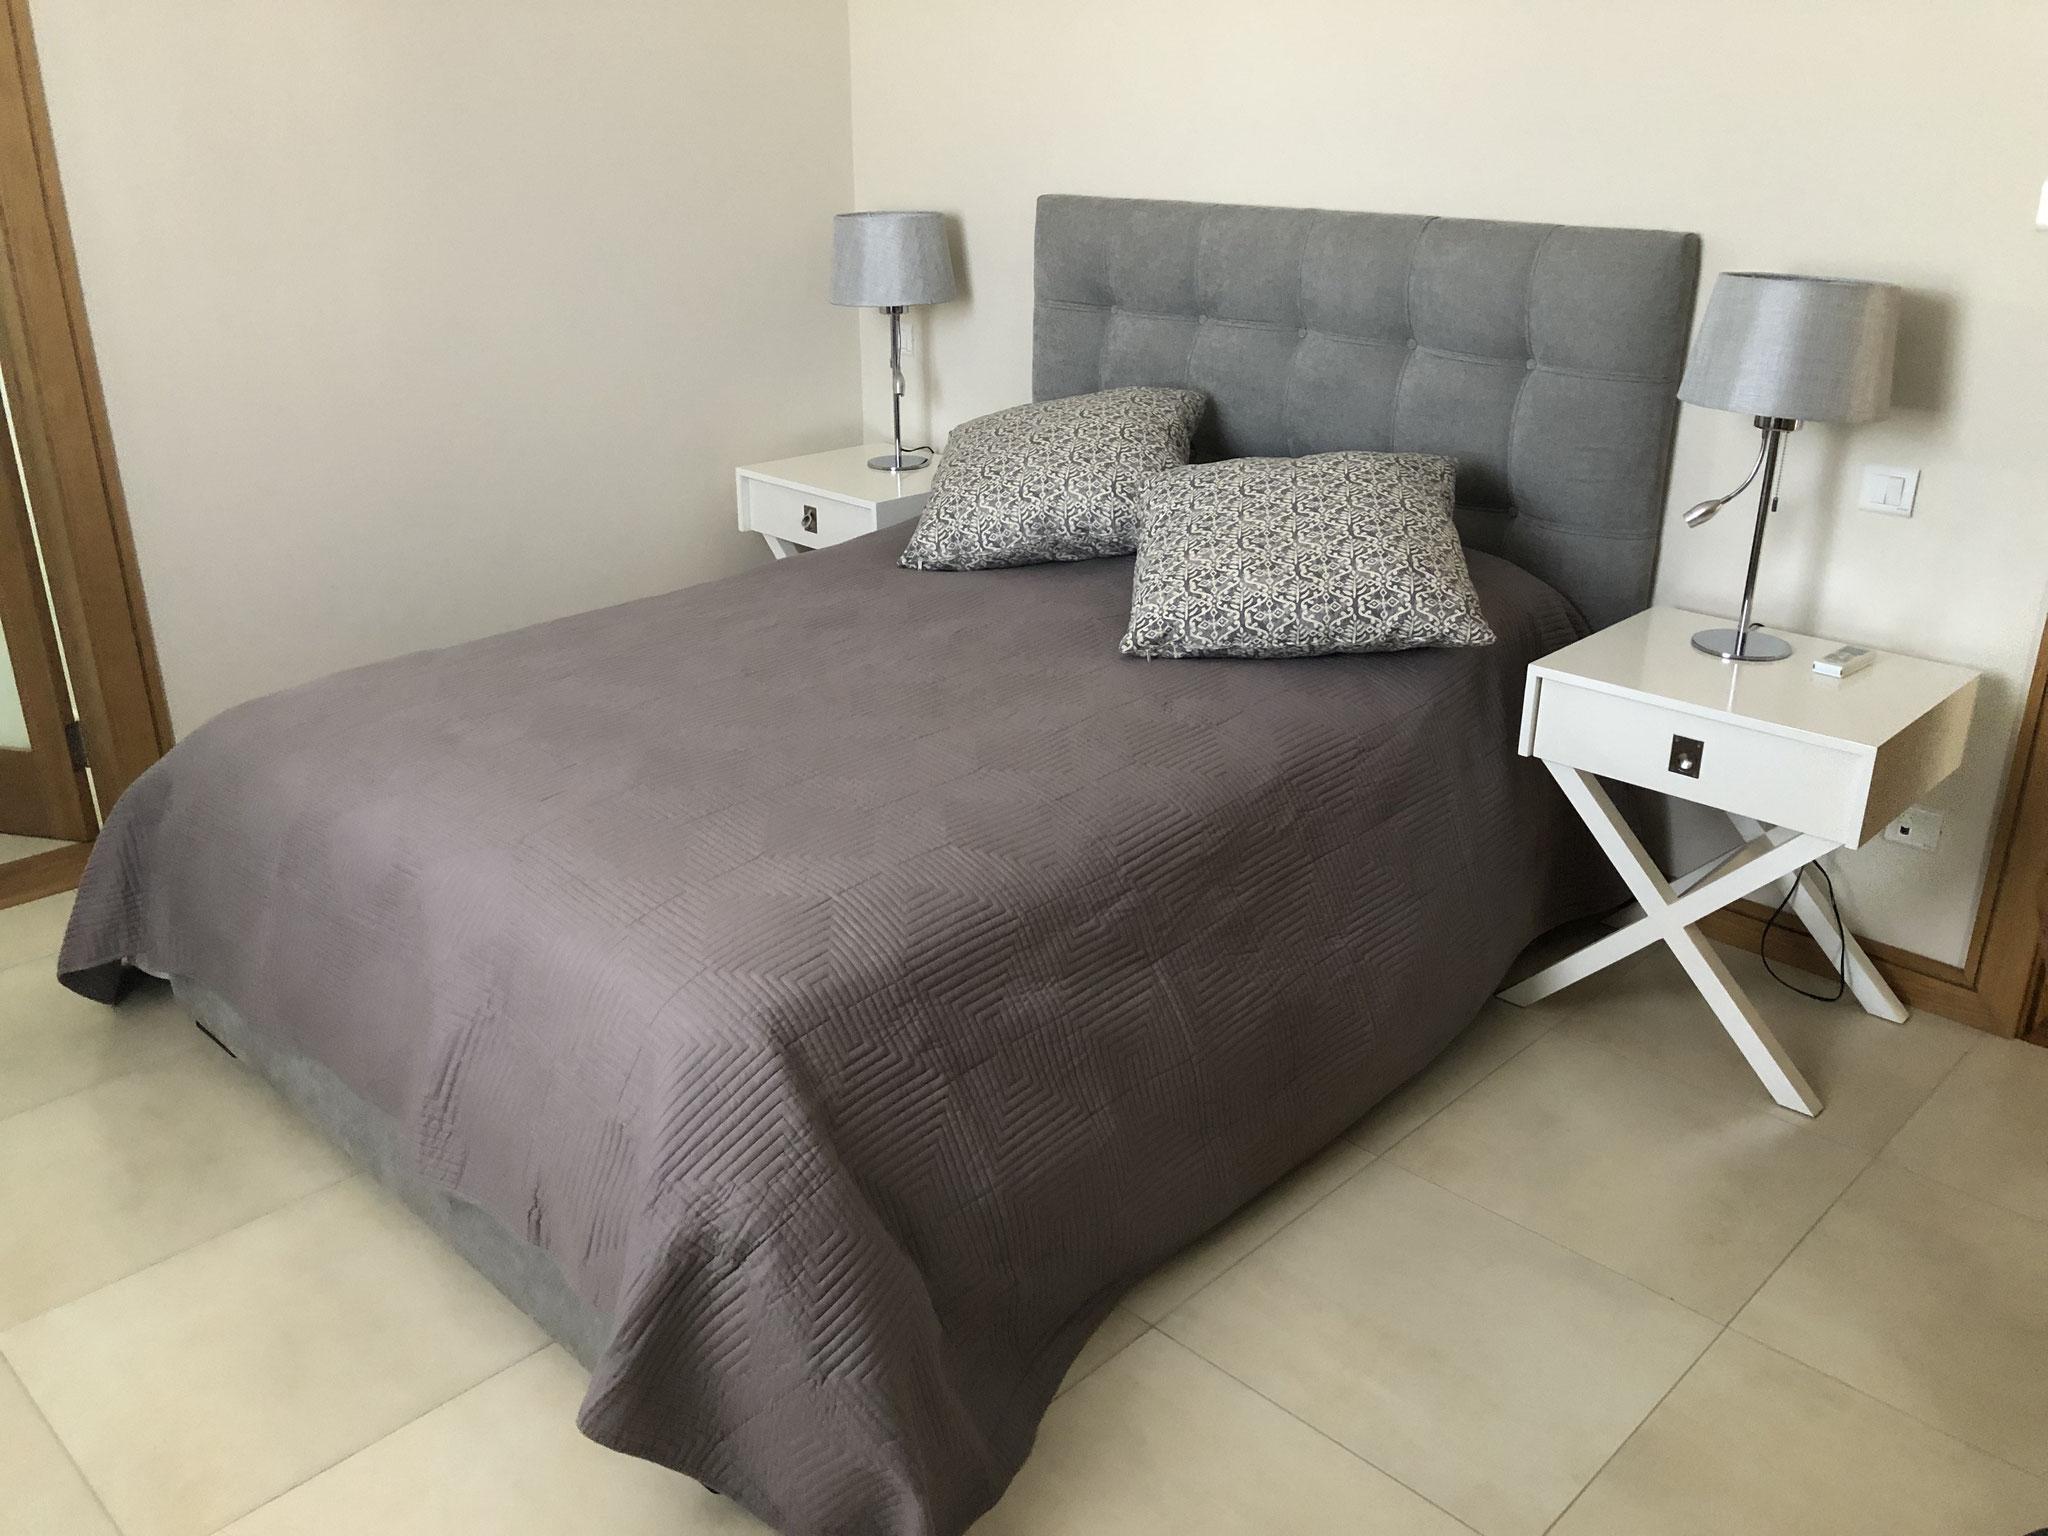 achat vente et revente appartement T4 3 chambres balcon R+2 jinvesty votre agence immobilière grand baie Pereybère ile maurice